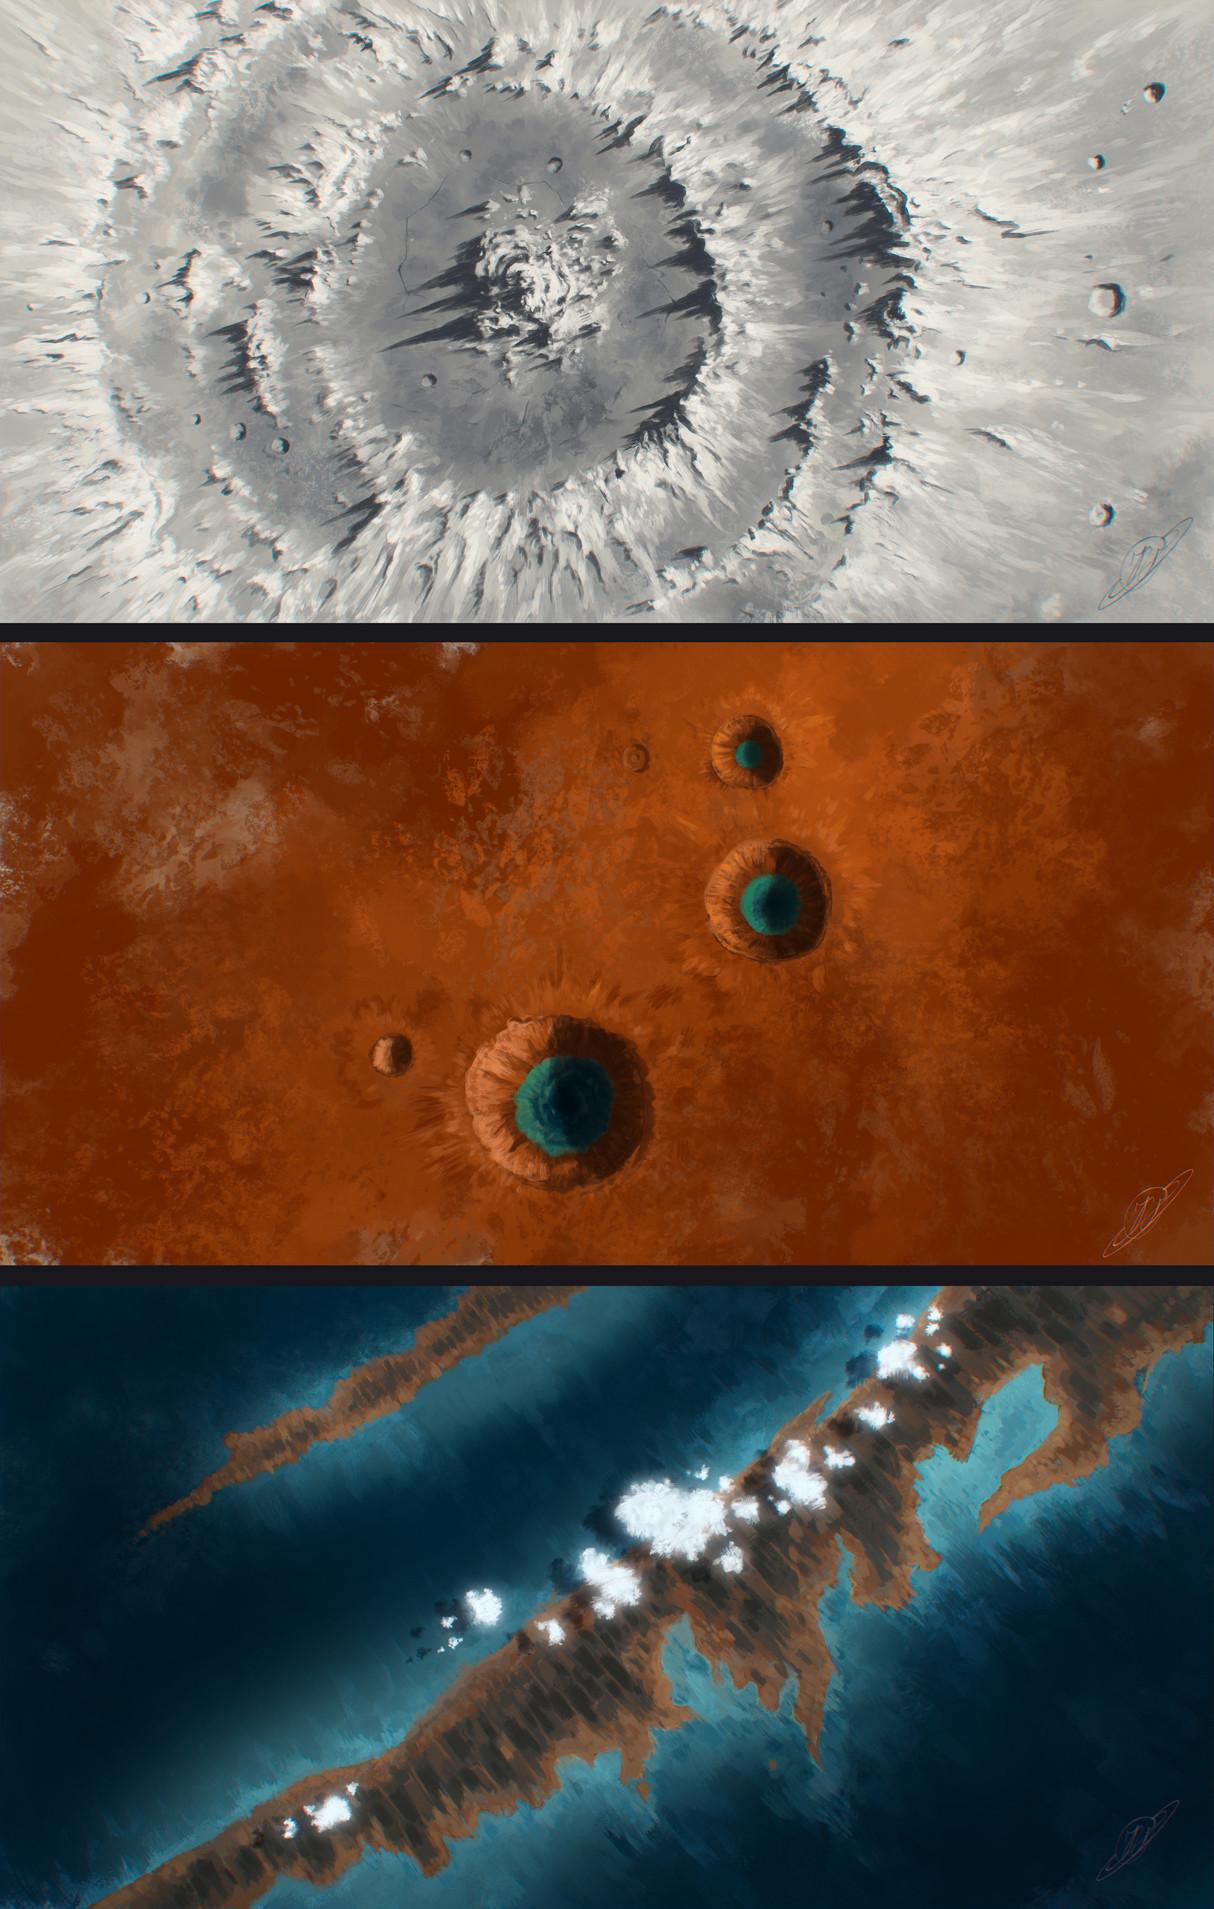 ArtStation - Planet textures, Justinas Vitkus